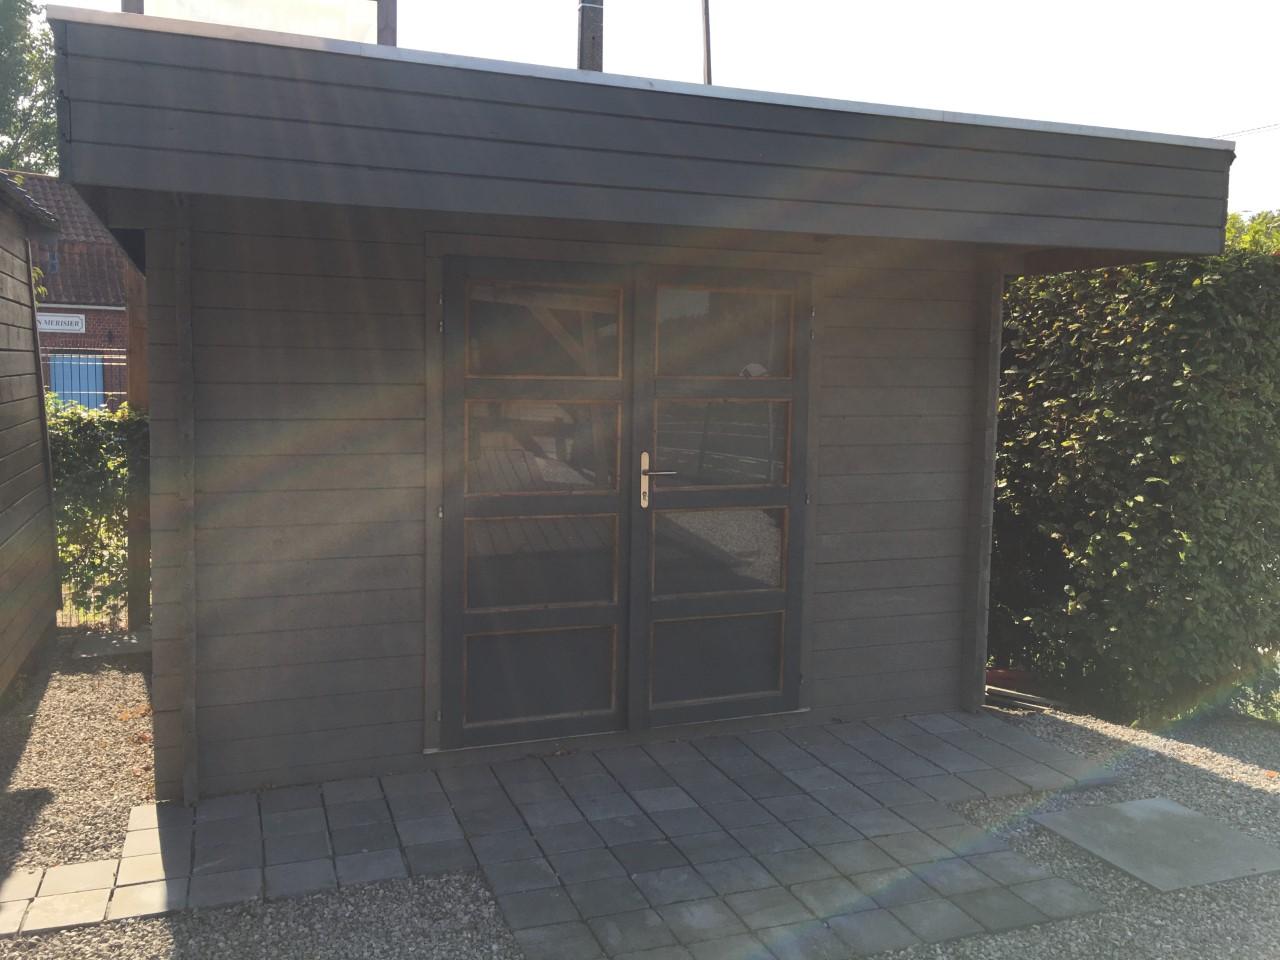 abri moderne lasuré - double porte avec serrure sécurisé